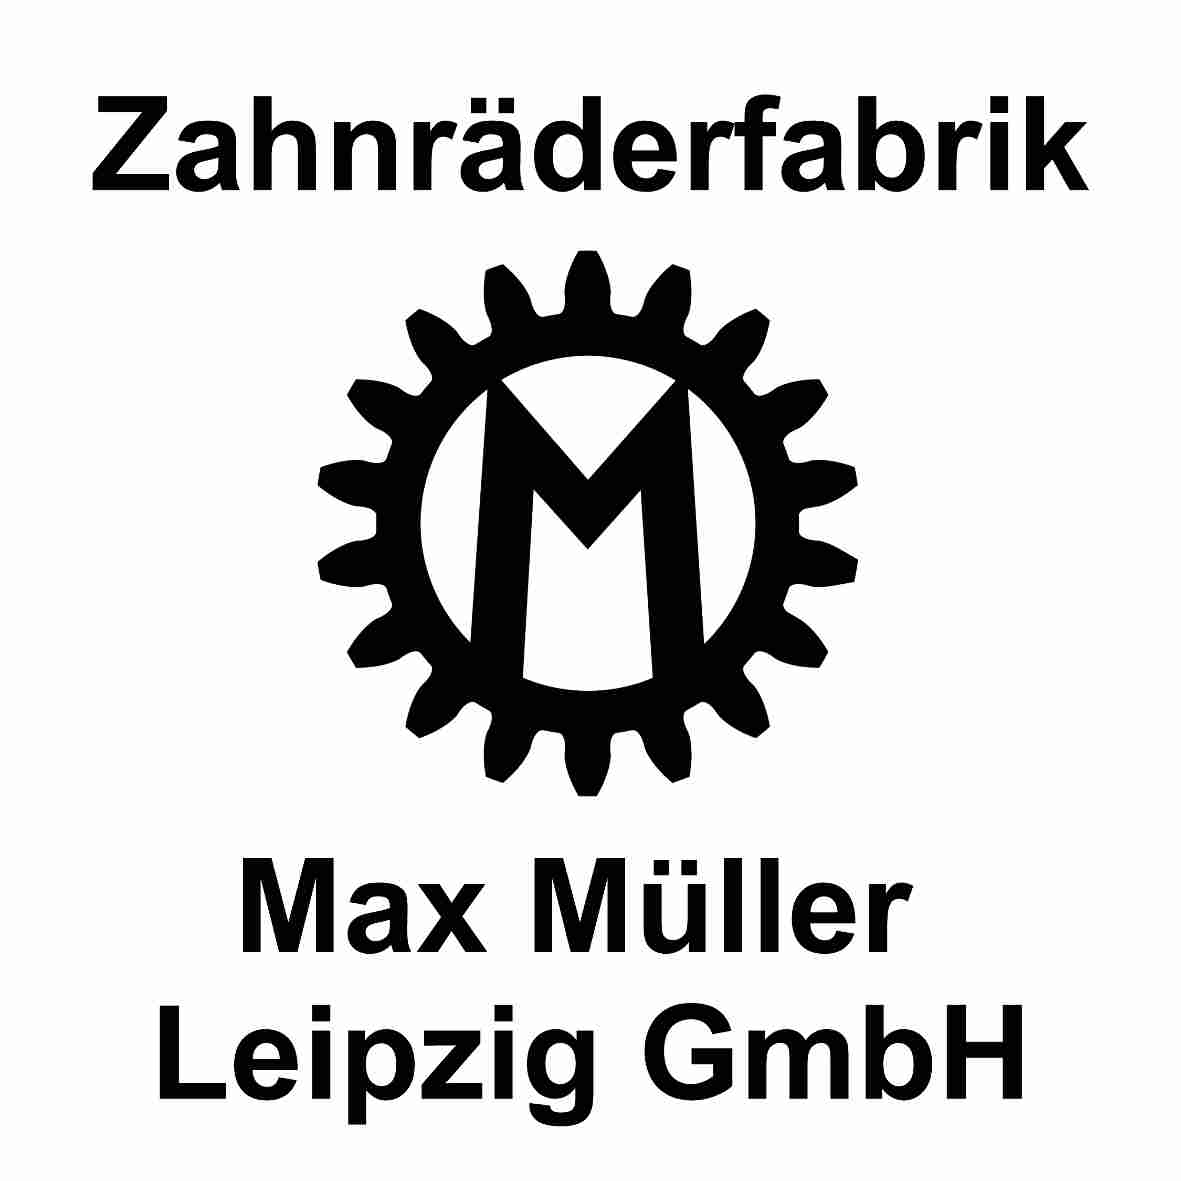 Zahnräderfabrik Max Müller Leipzig GmbH